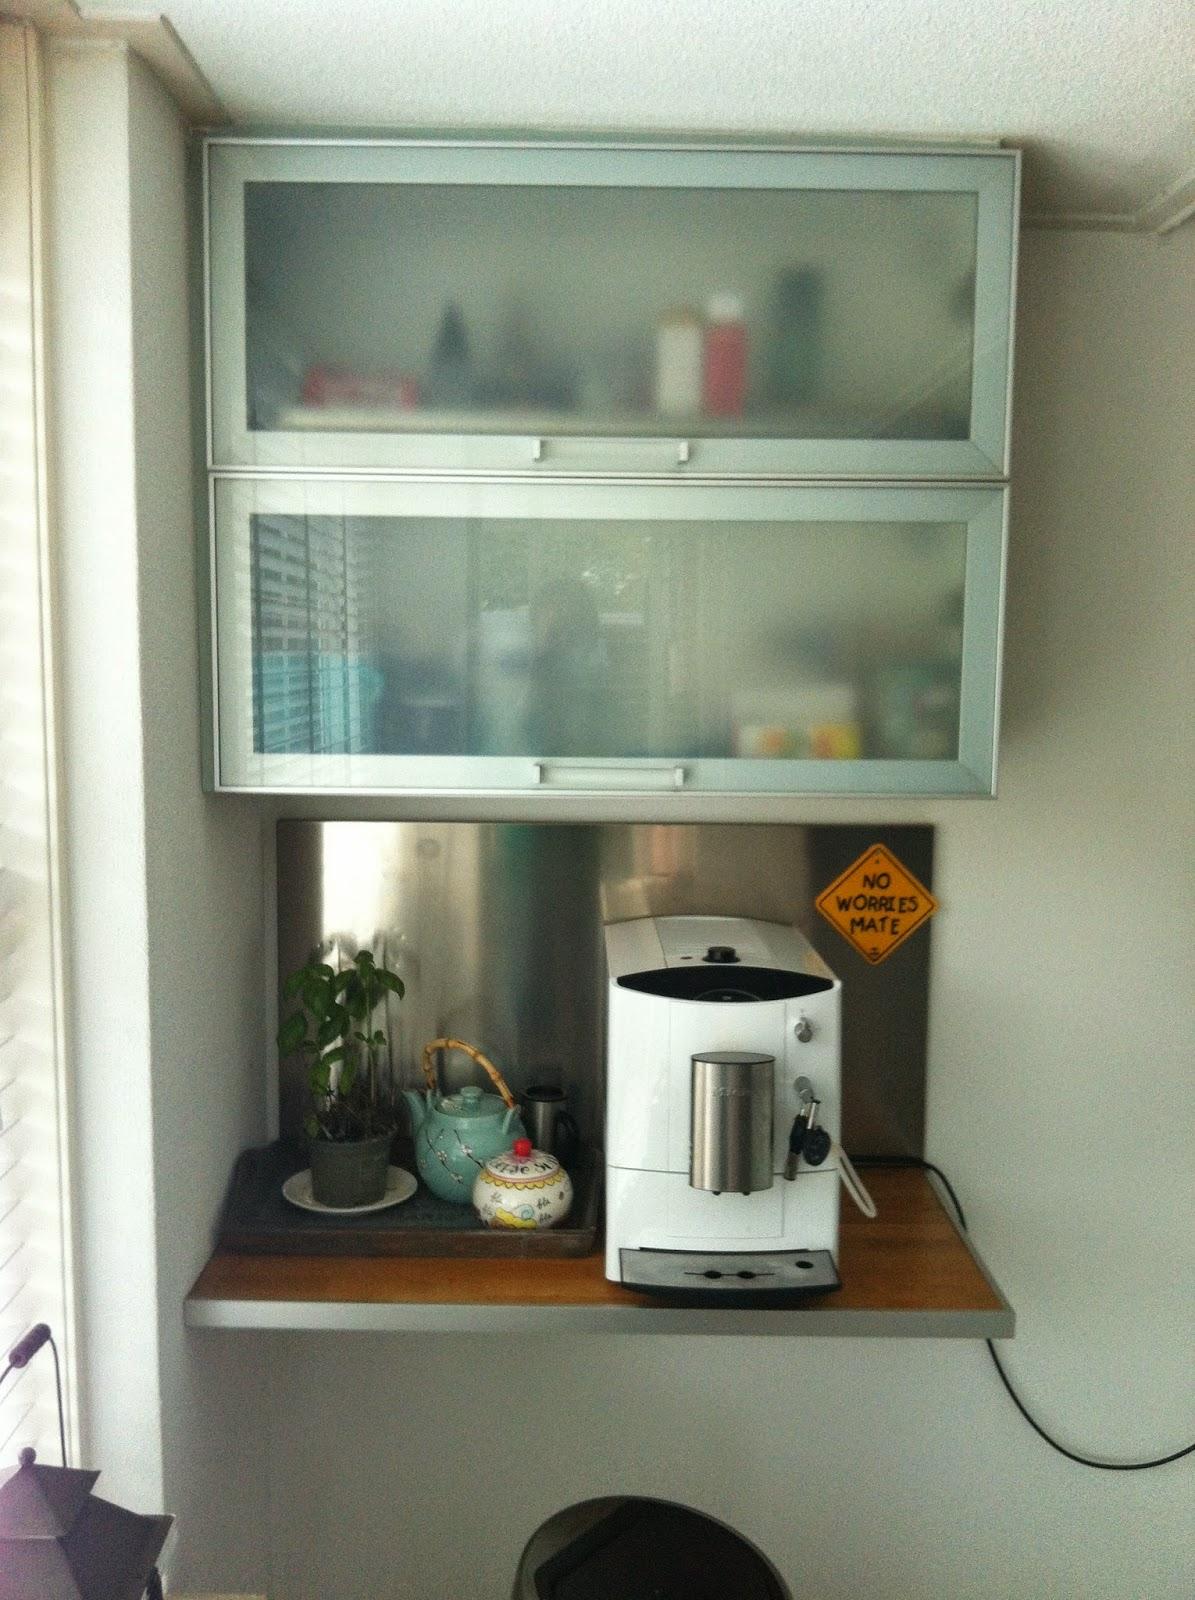 Restylelin diy keuken in de verf - Keuken m ...